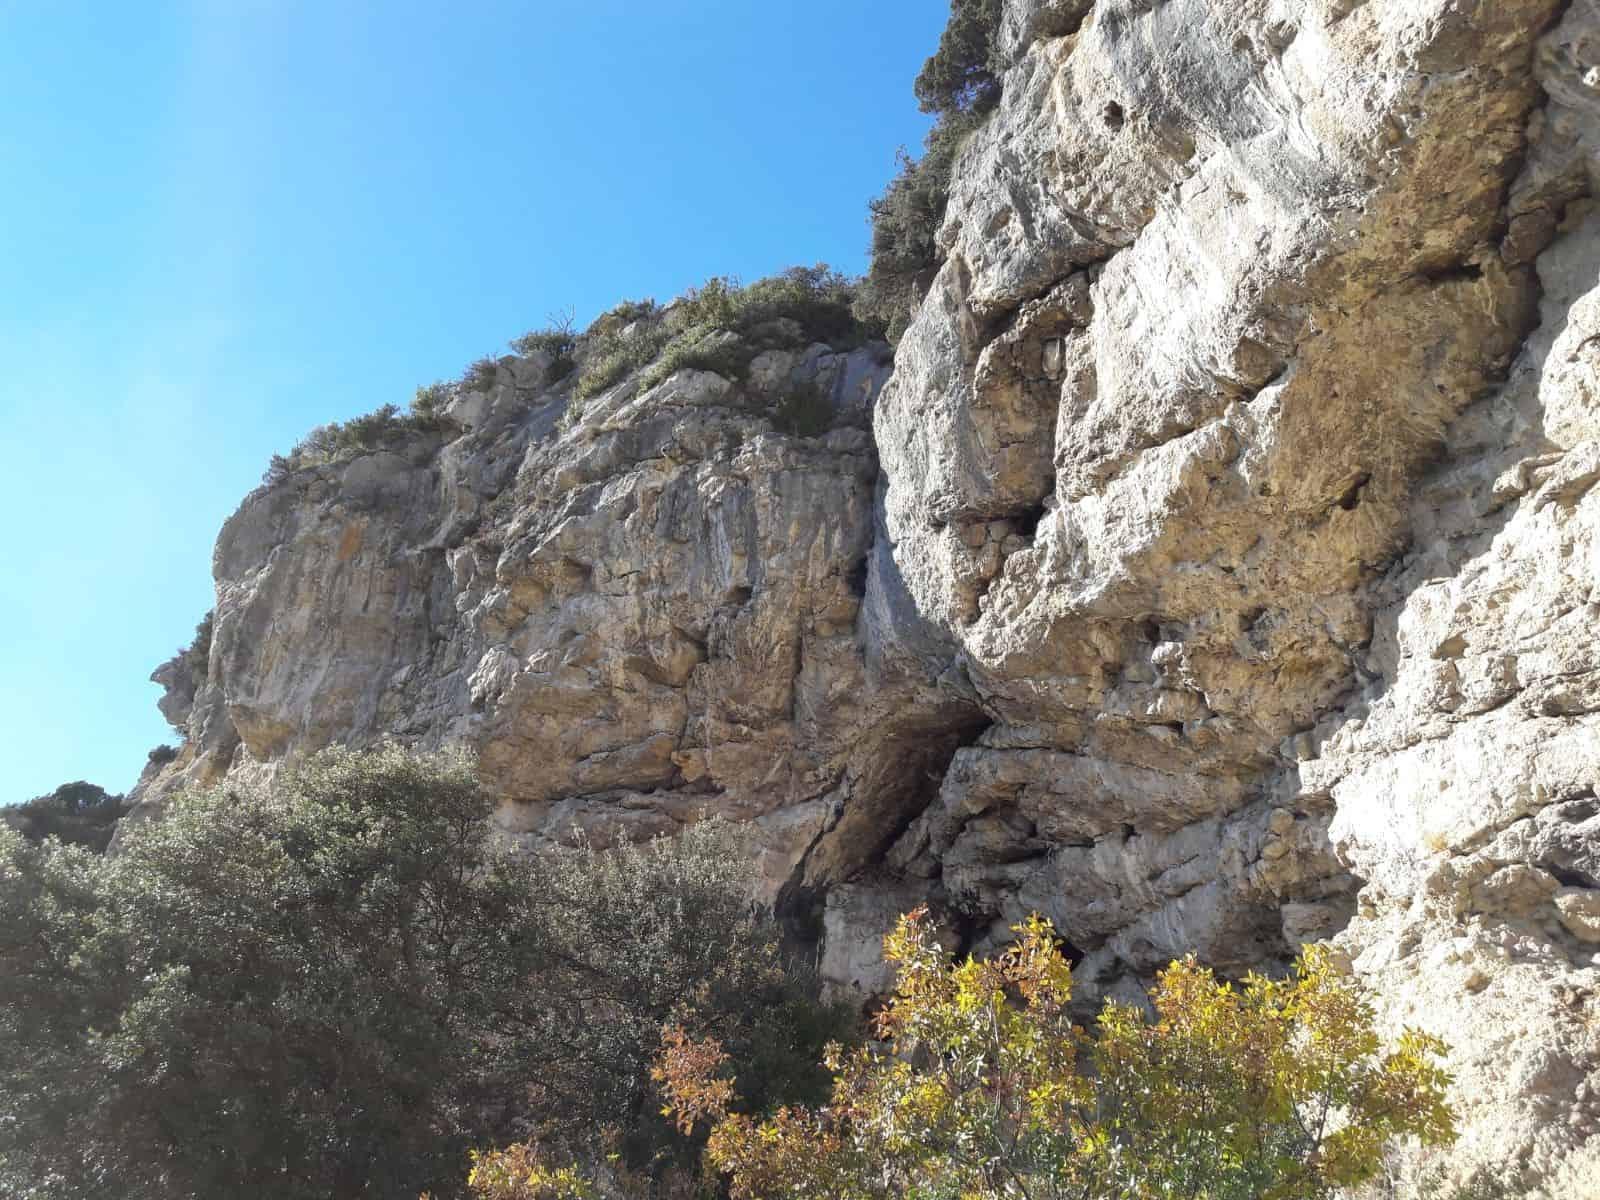 Arrampicare a Volx - Oliunìd is crag